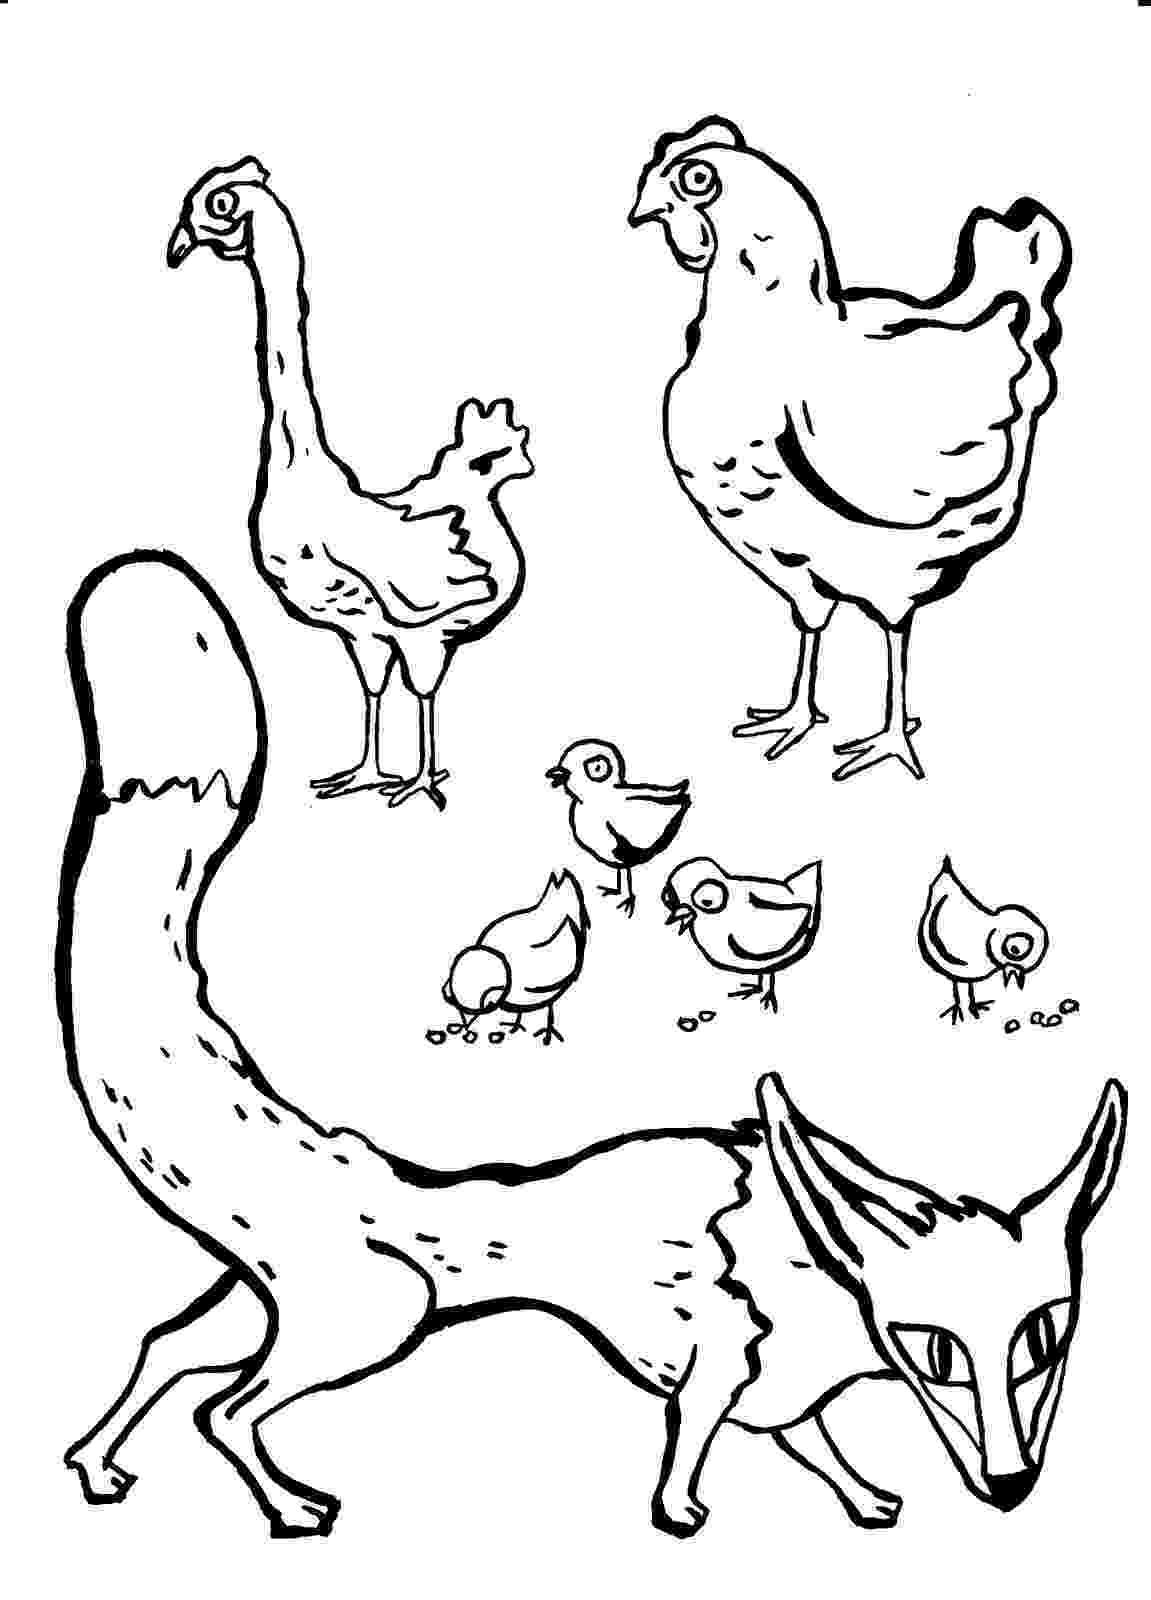 gallina para colorear pz c imagenes para colorear colorear para gallina